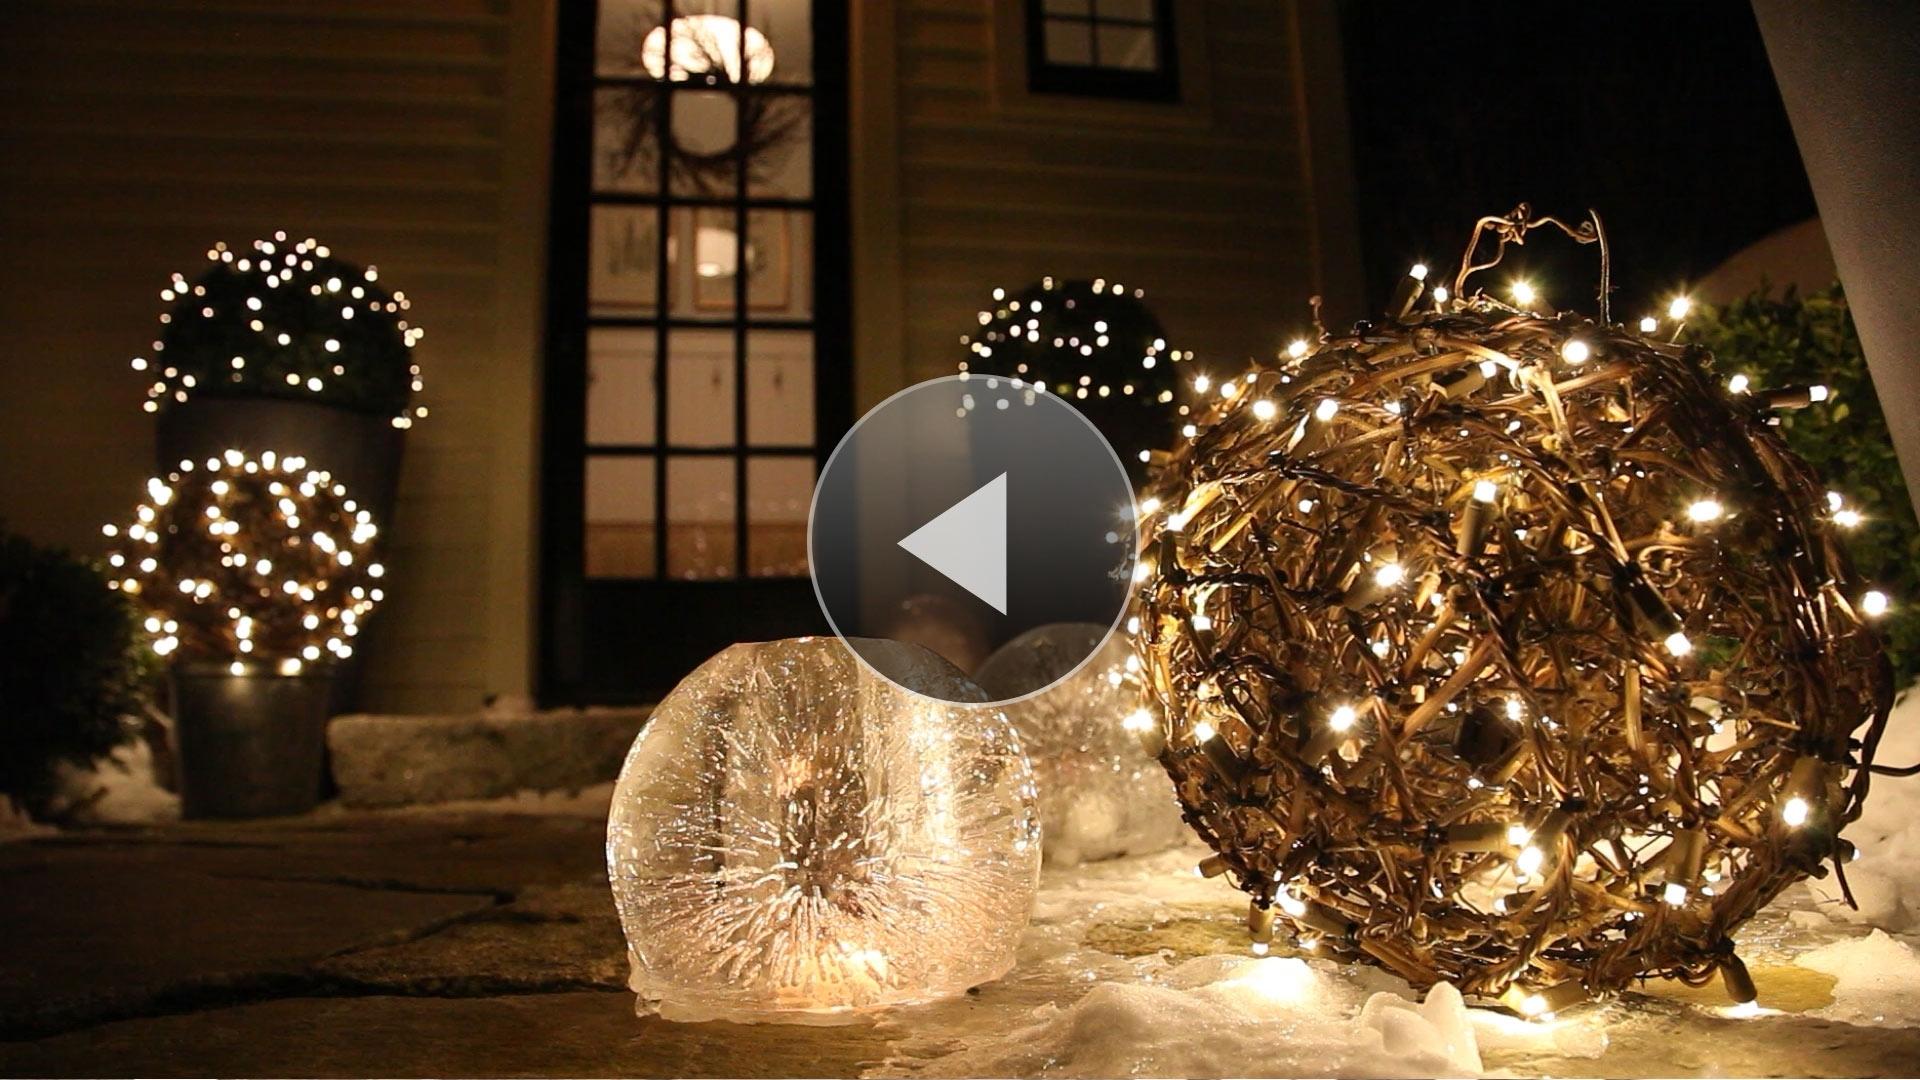 Favorite Outdoor Hanging Sphere Lights In Diy : Outdoor Hanging Lit Spheres Balsam Hill Garden Sphere Lights (View 5 of 20)